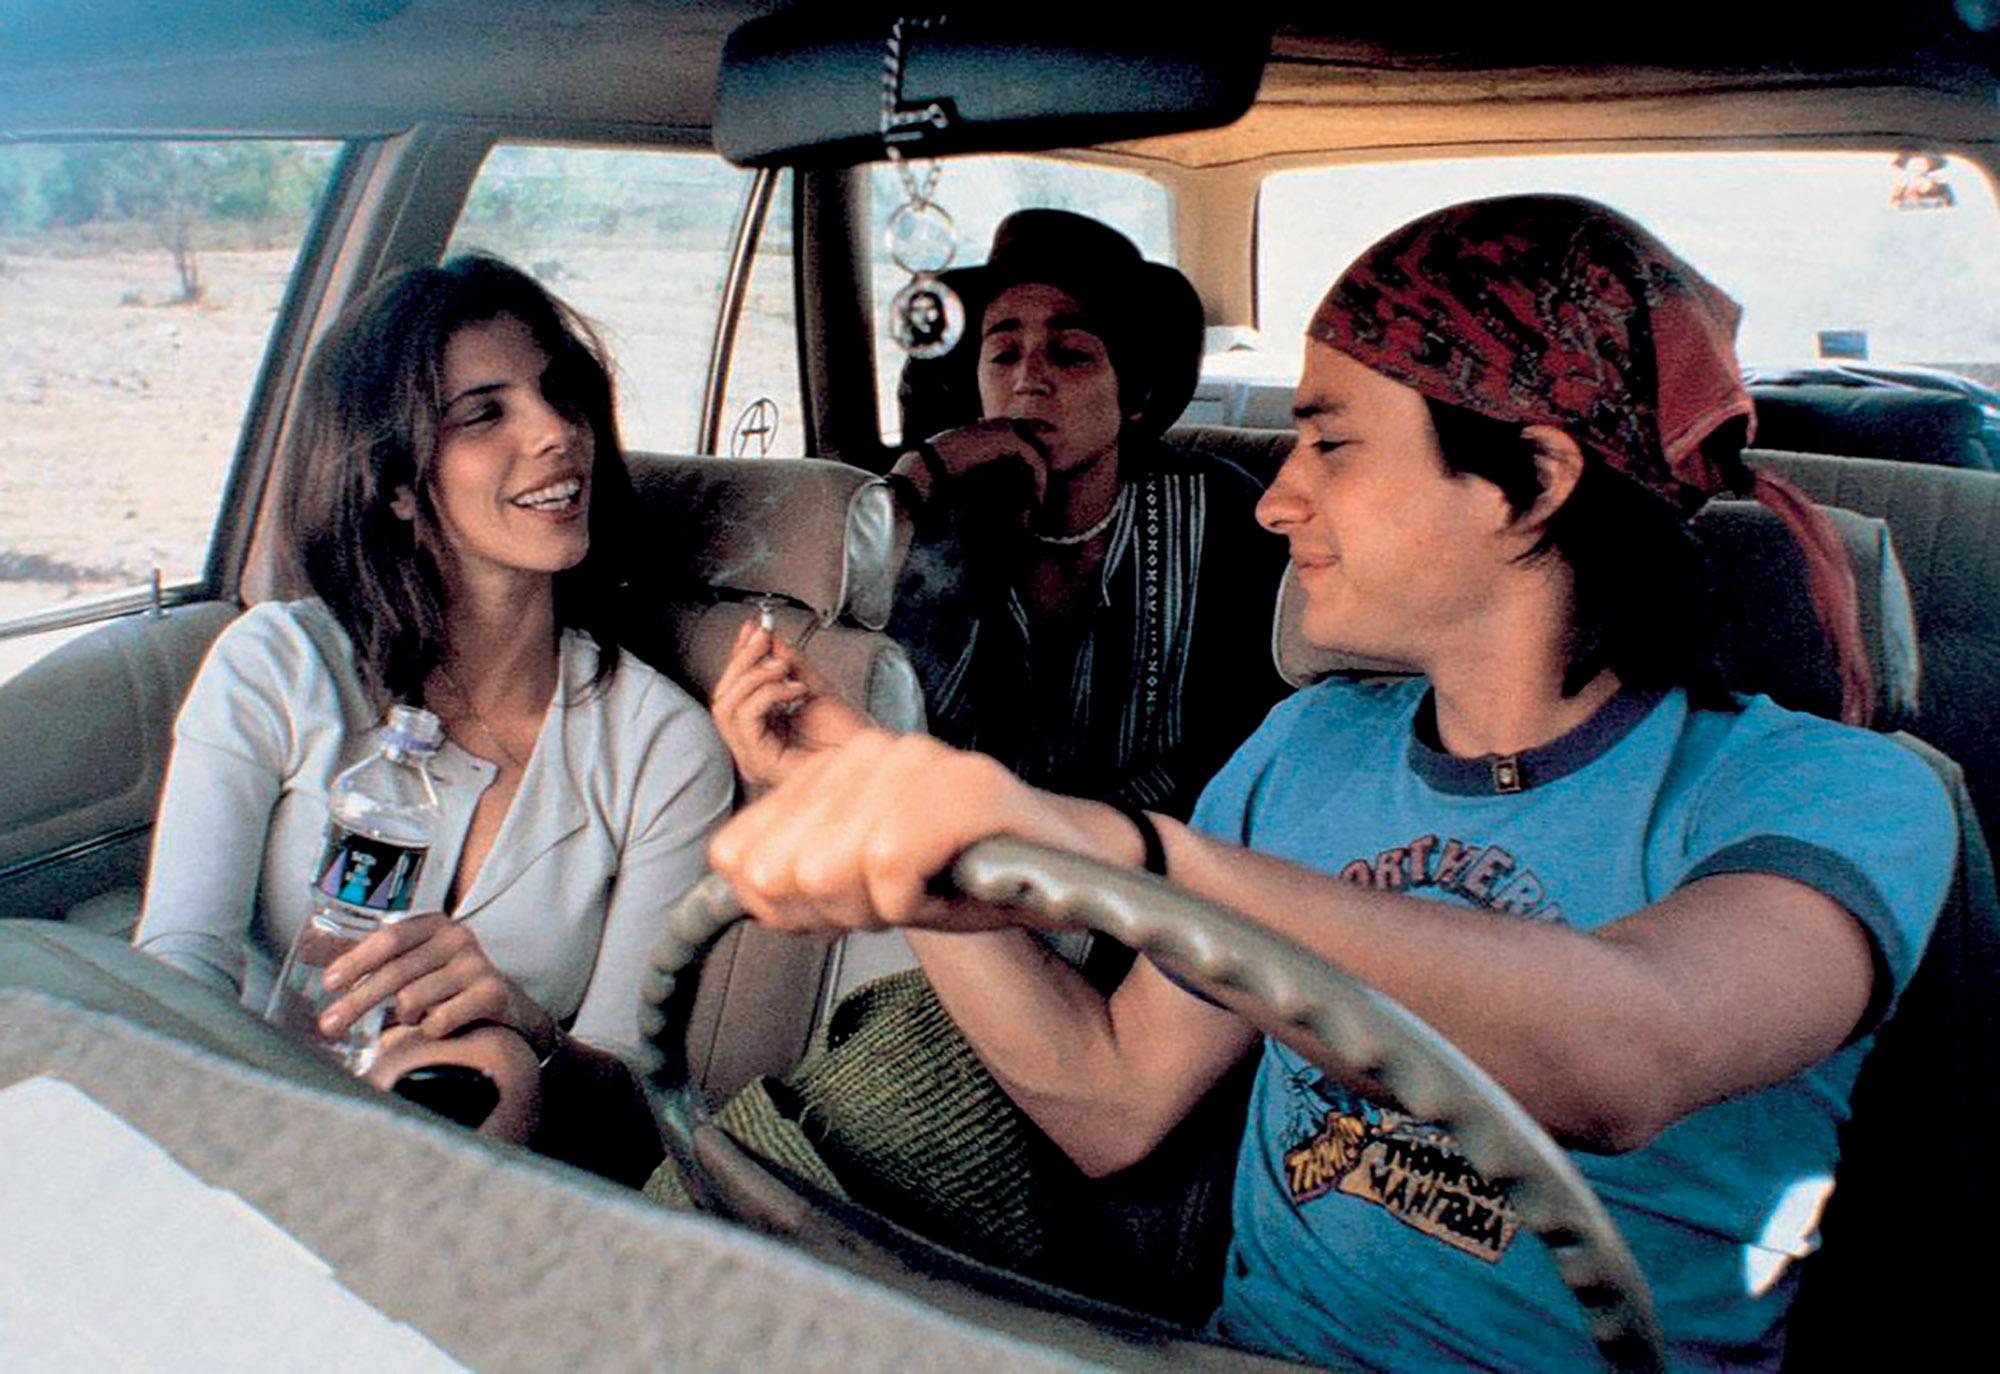 du lịch cảnh phim trong xe hơi